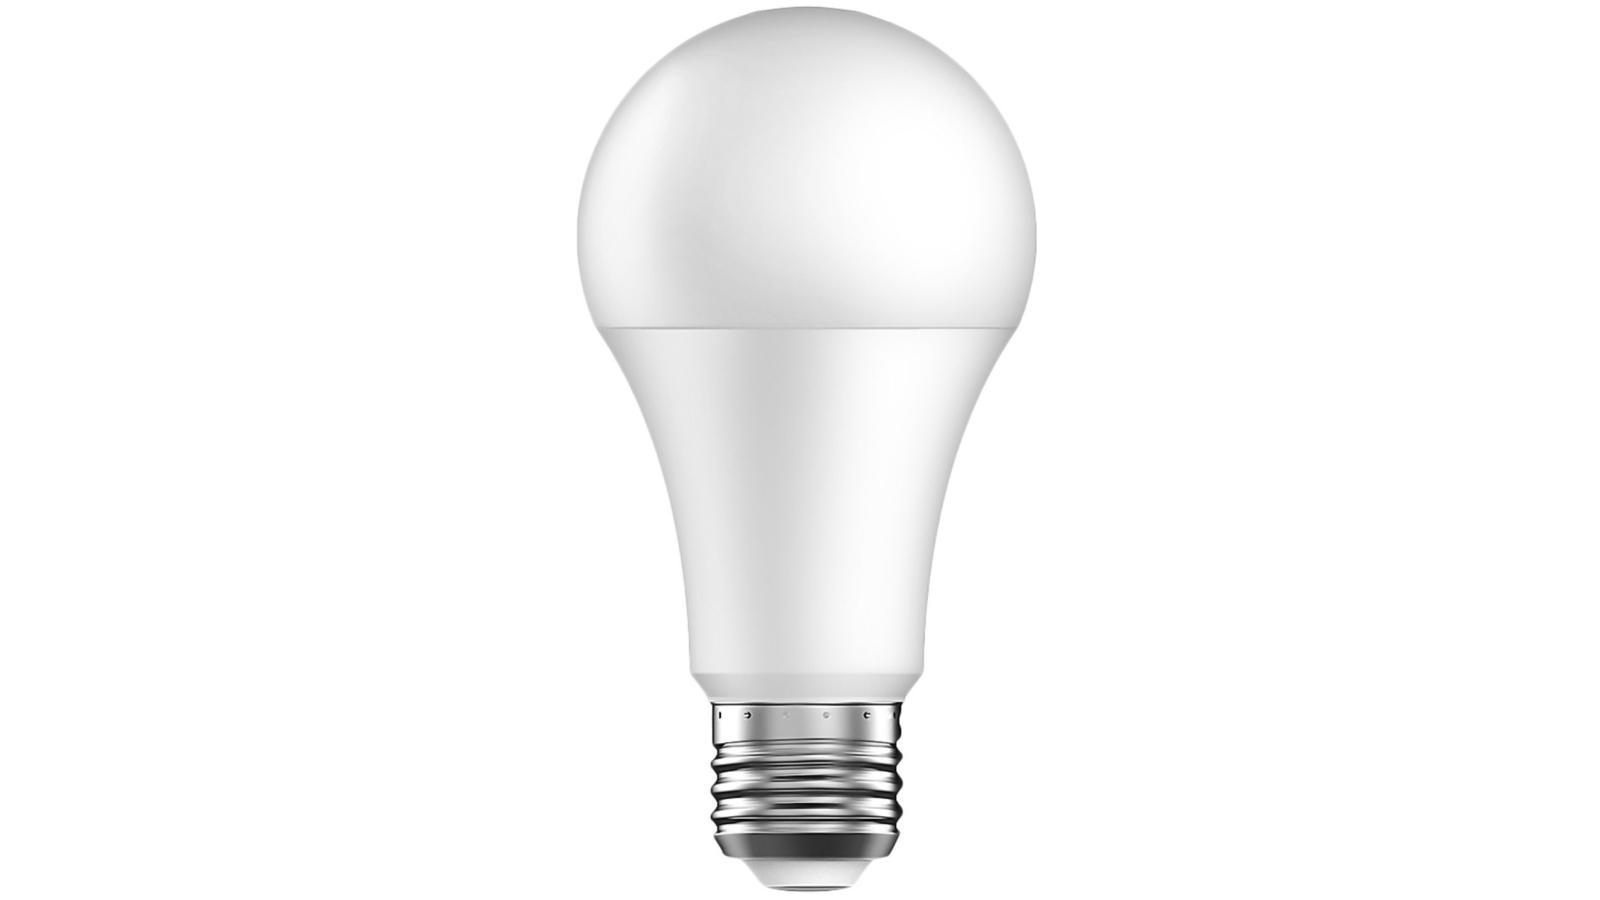 户外LED灯具设计需注意的几个问题